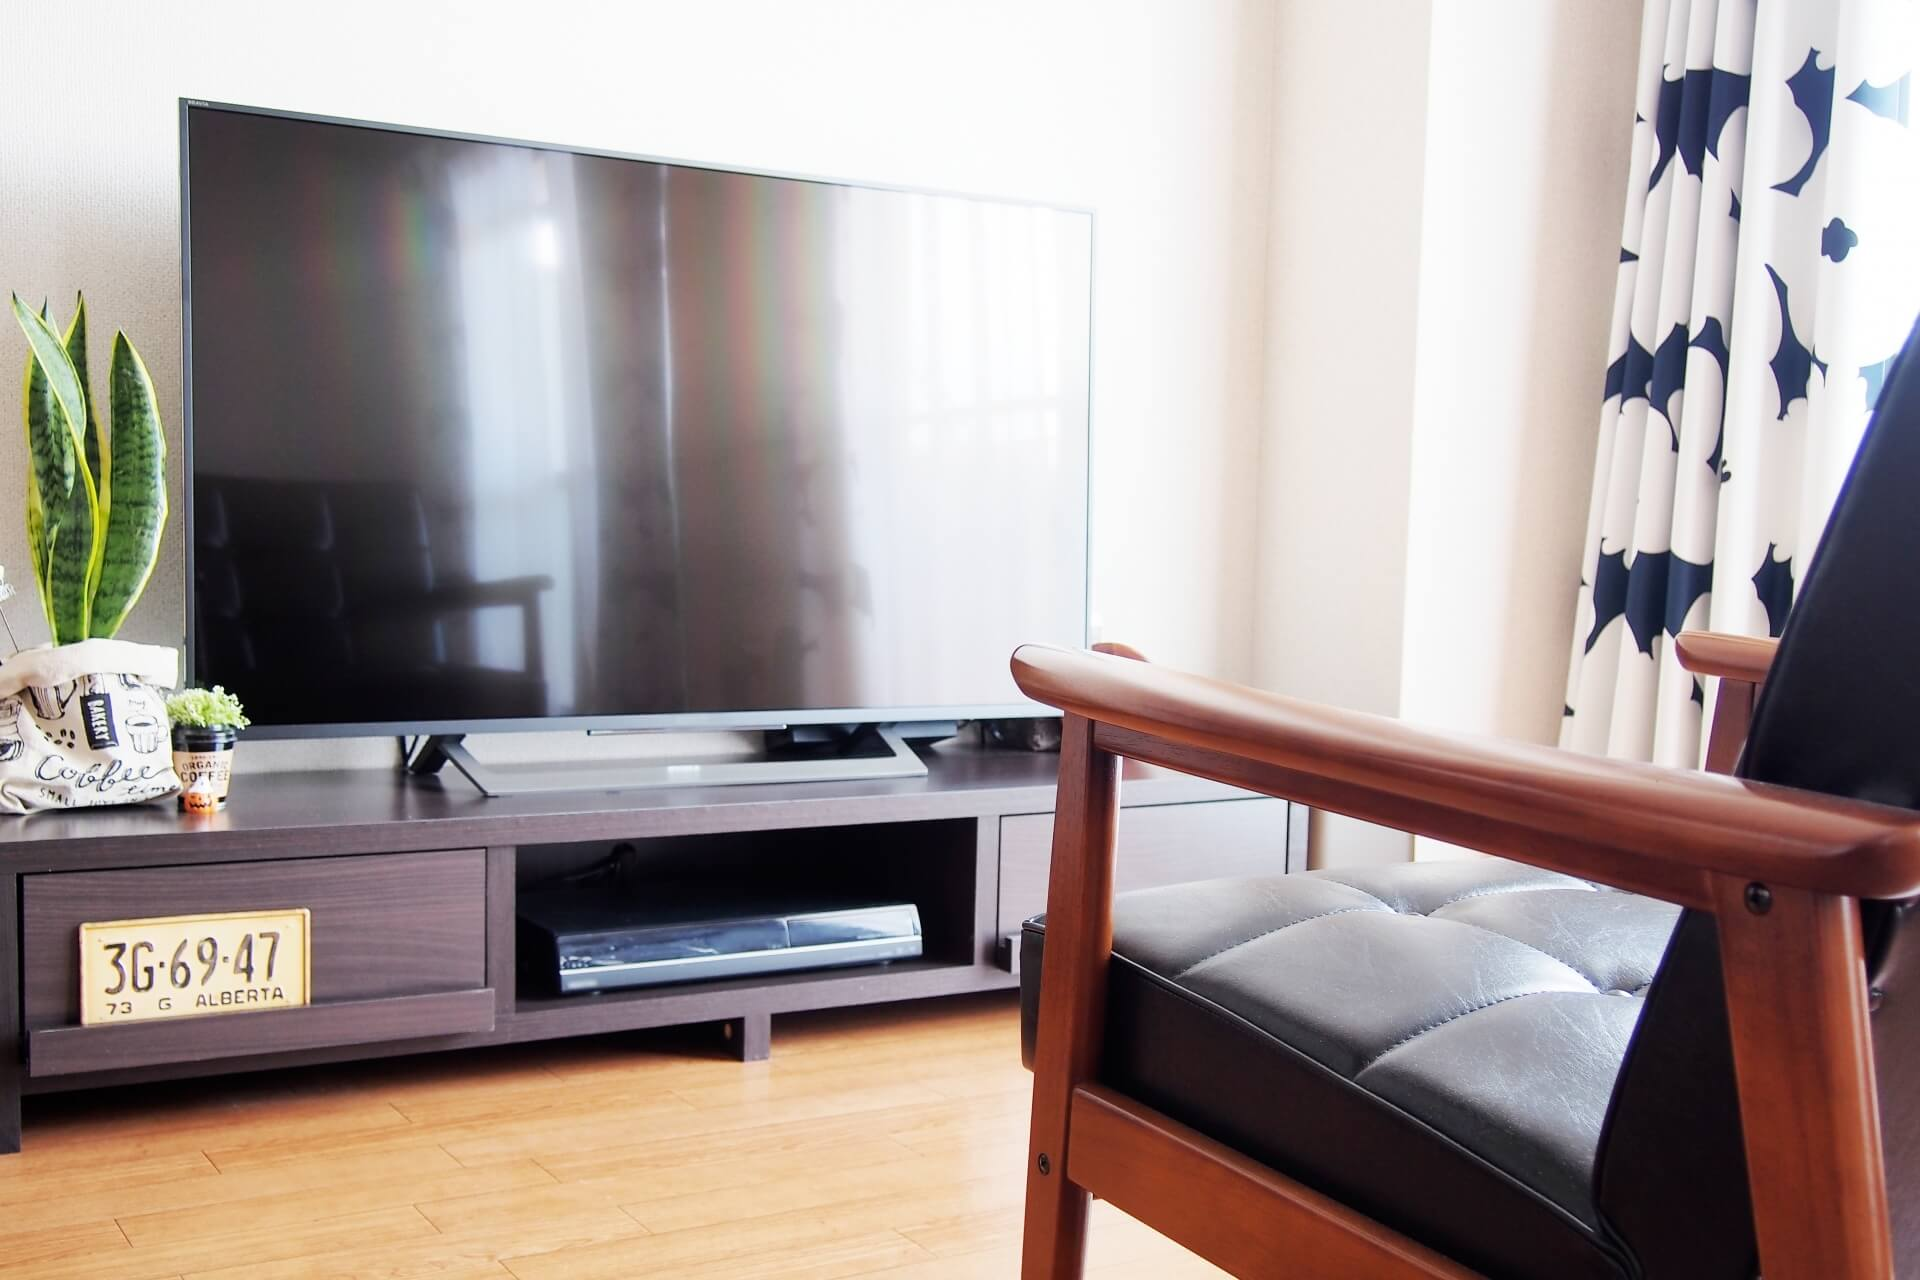 Hulu(フールー)をテレビで見る方法まとめ!Fire TVやクロームキャストで見られるか解説!